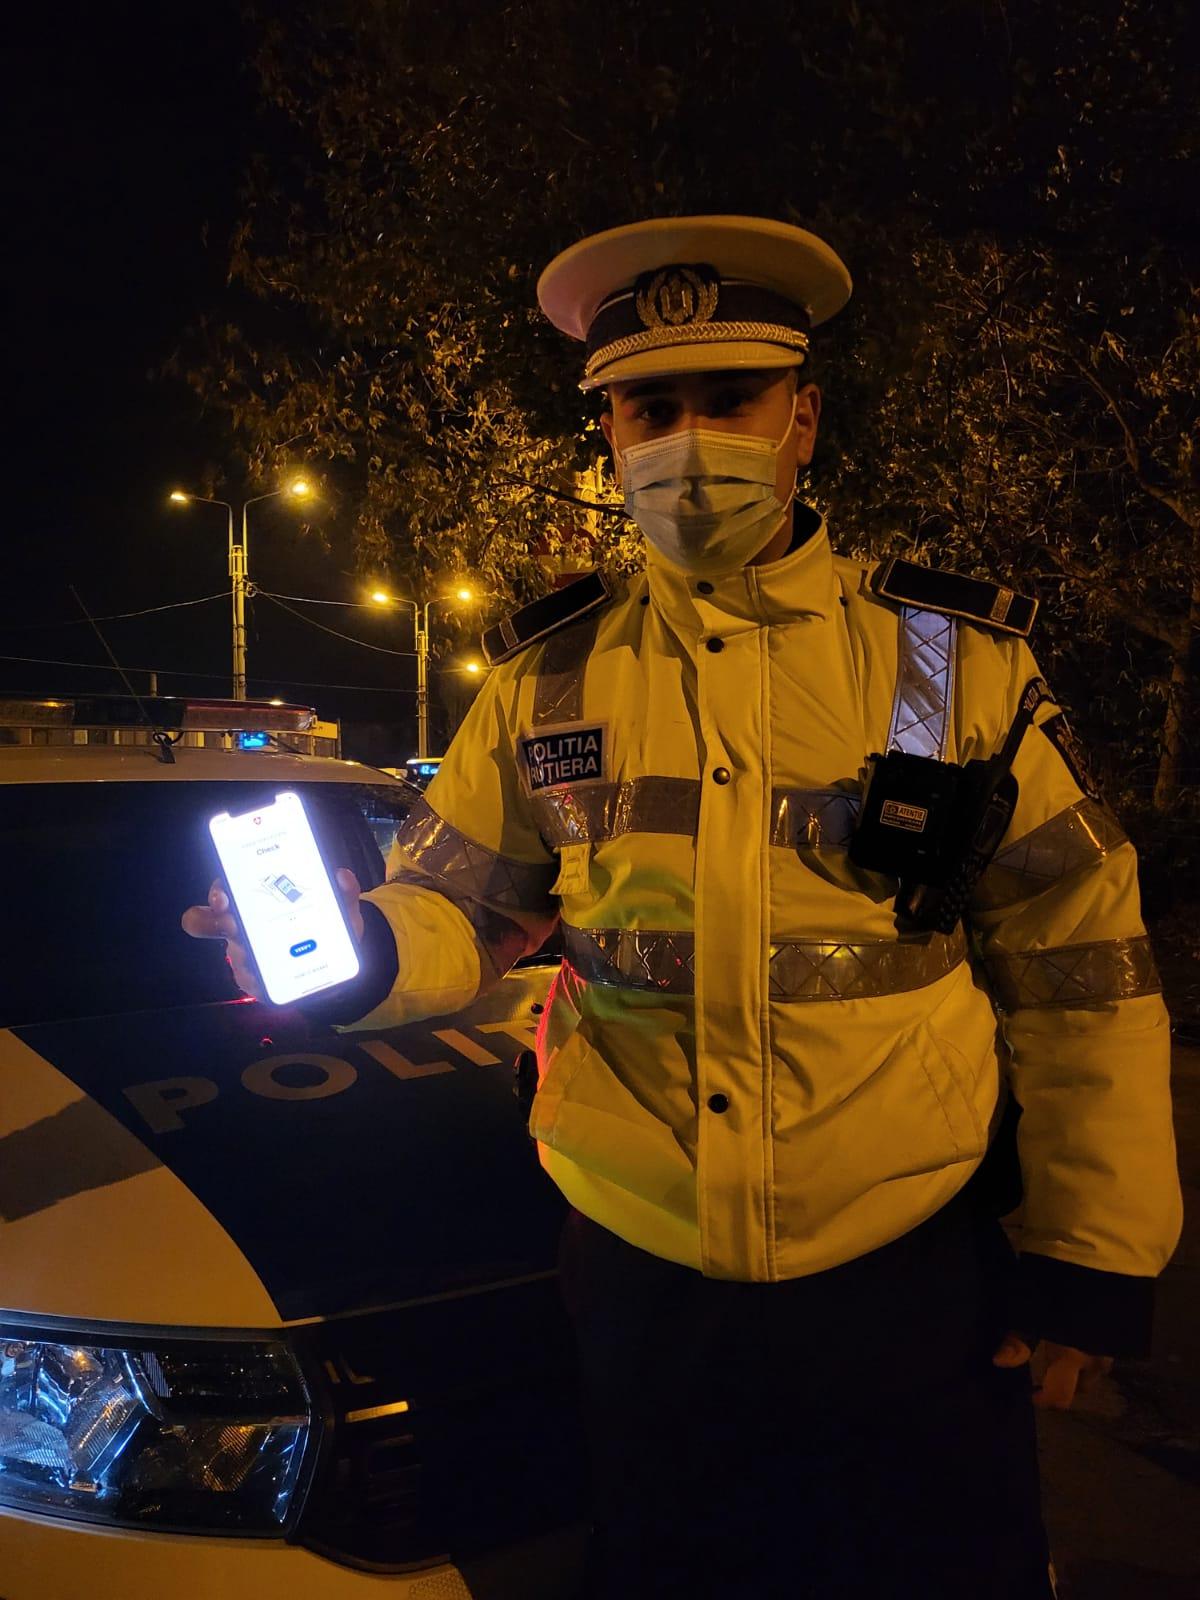 Poliția în acțiune! Certificatele verzi la control